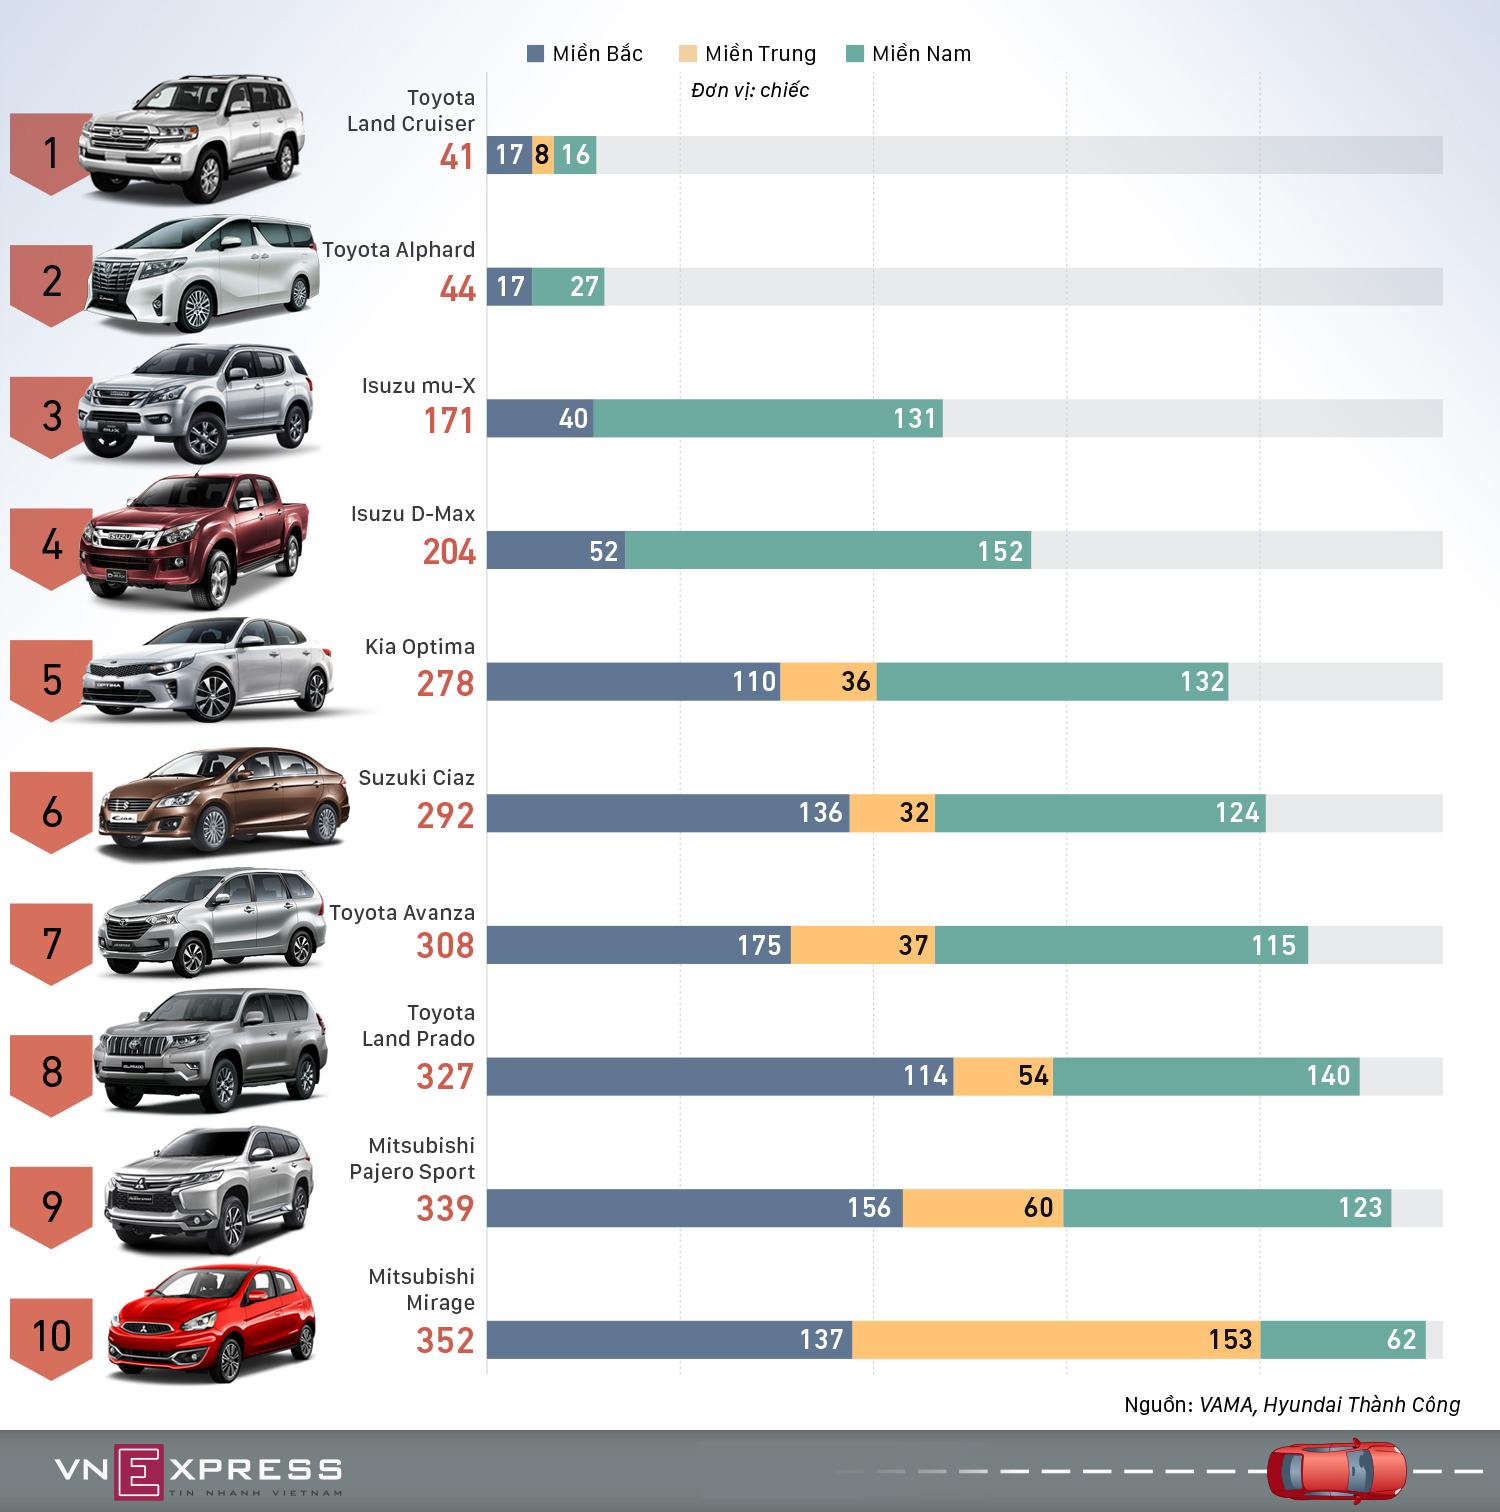 10 ôtô bán chậm nhất Việt Nam sau 5 tháng 2019